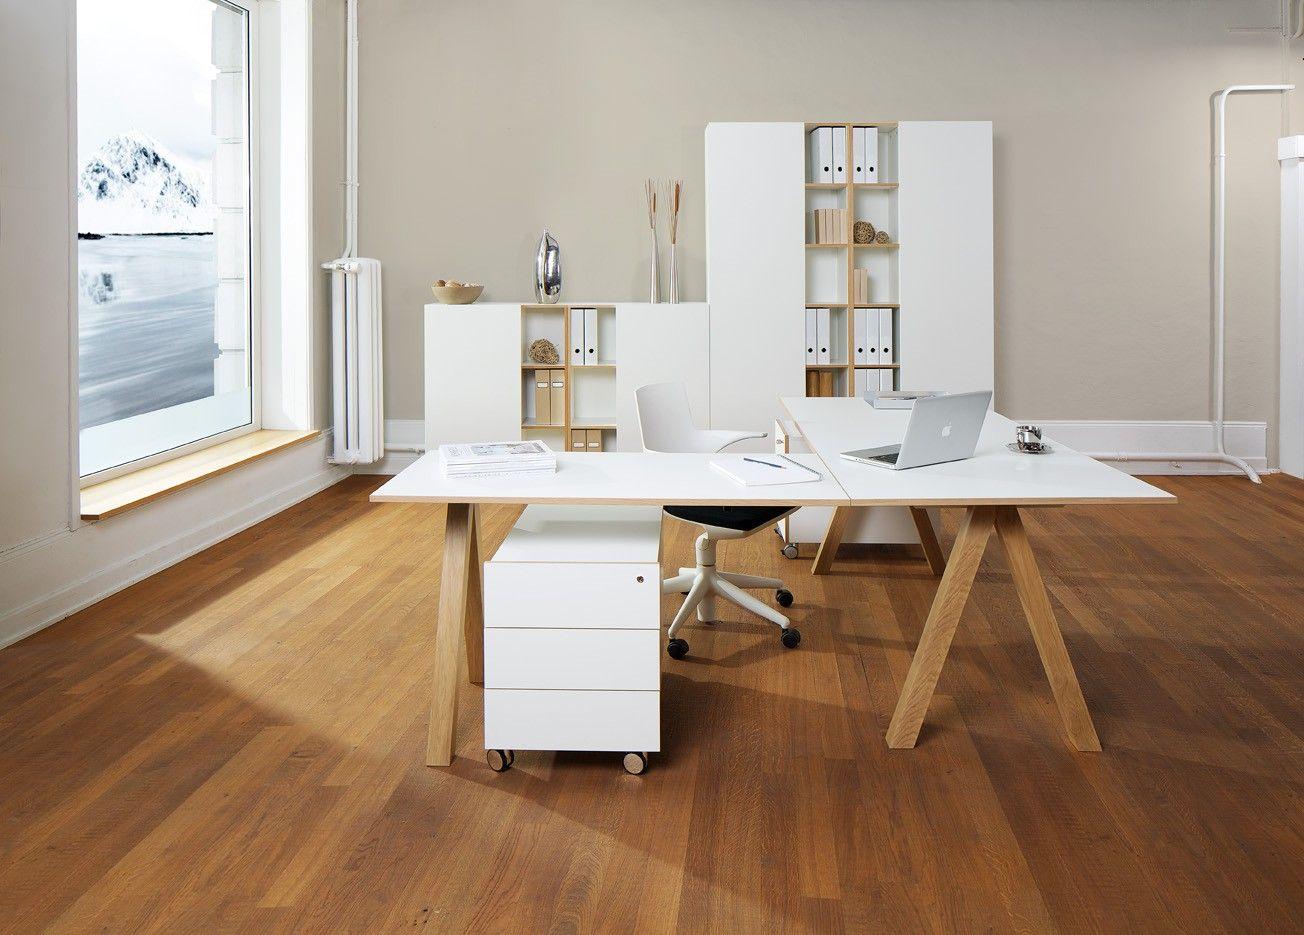 Reinhard Crea office Büromöbel-Set / Modell OSLO / 7-teilig / weiß ...